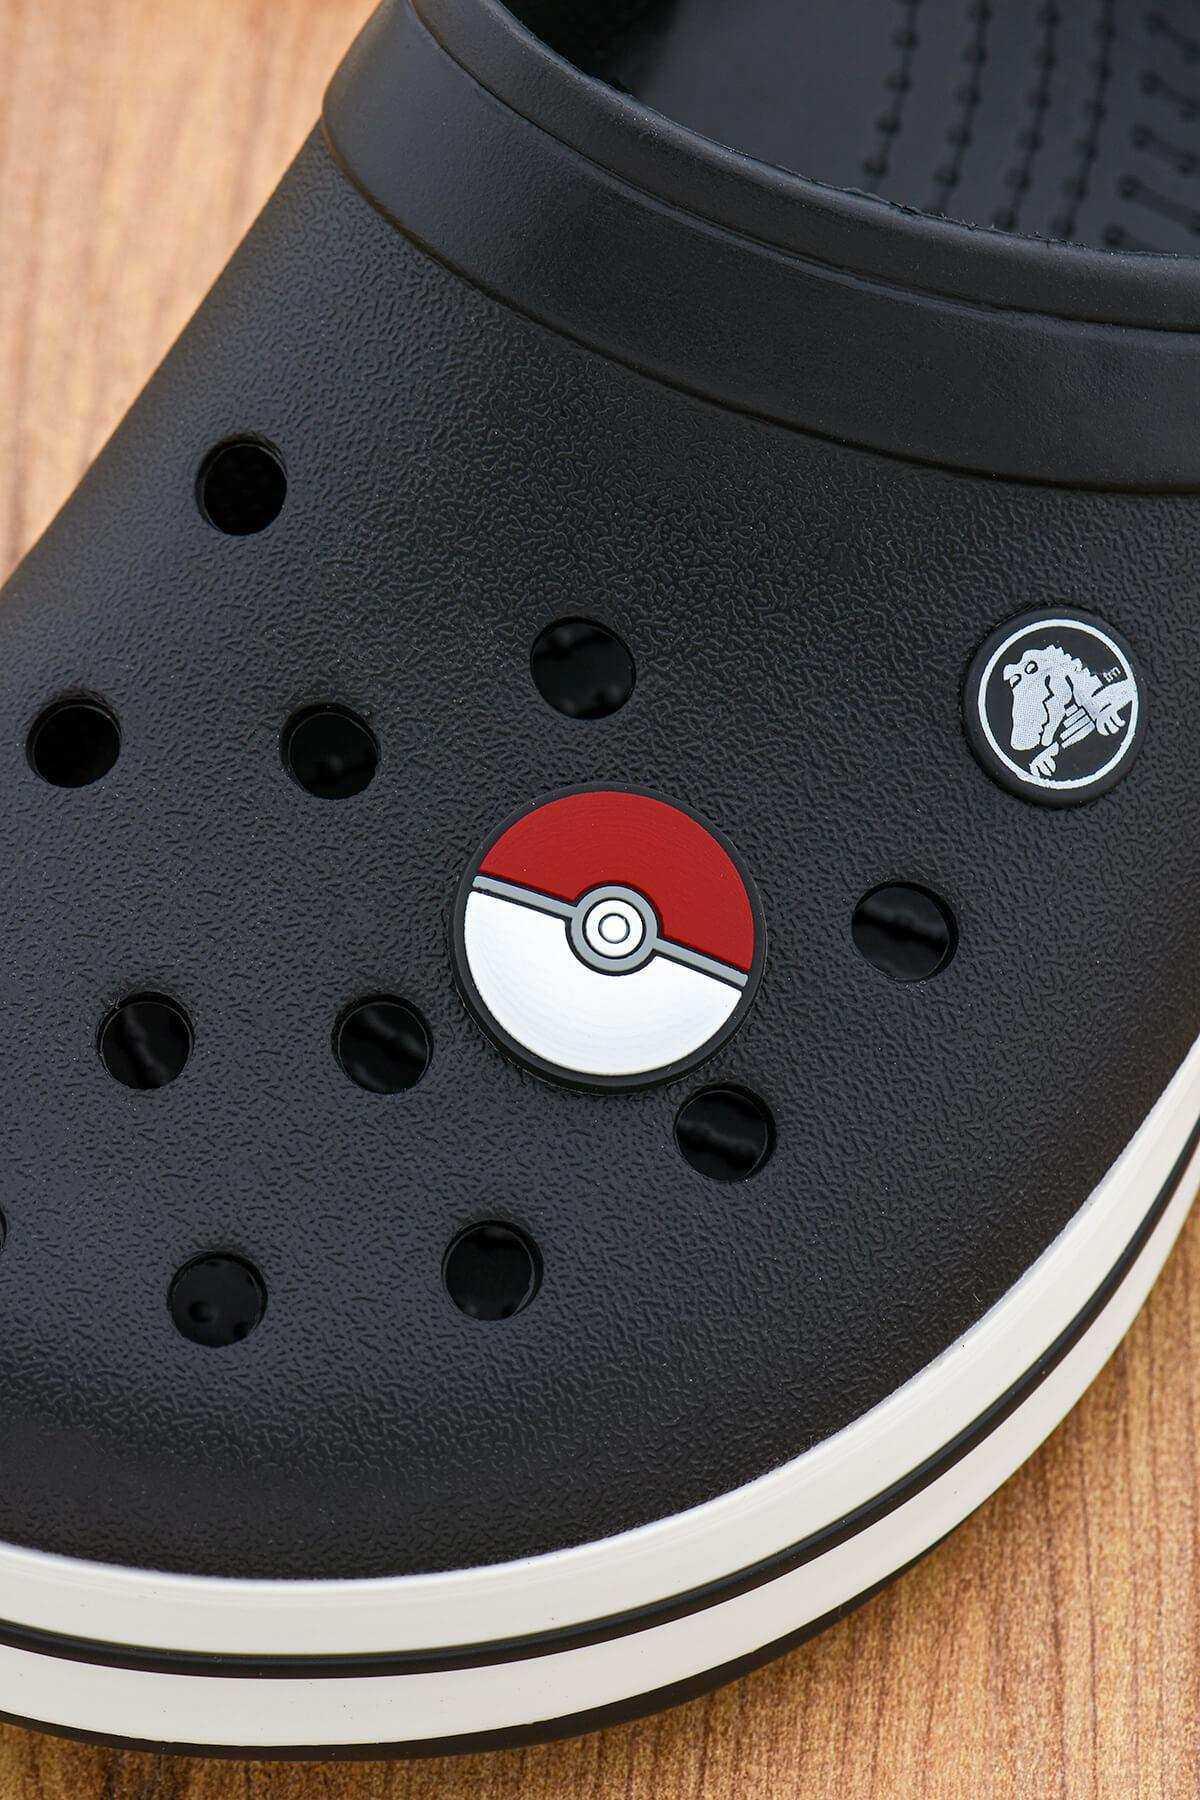 Pokemon Poki Top Jibbitz Crocs Terlik Süsü Charm Terlik Aksesuarı - CRS0022